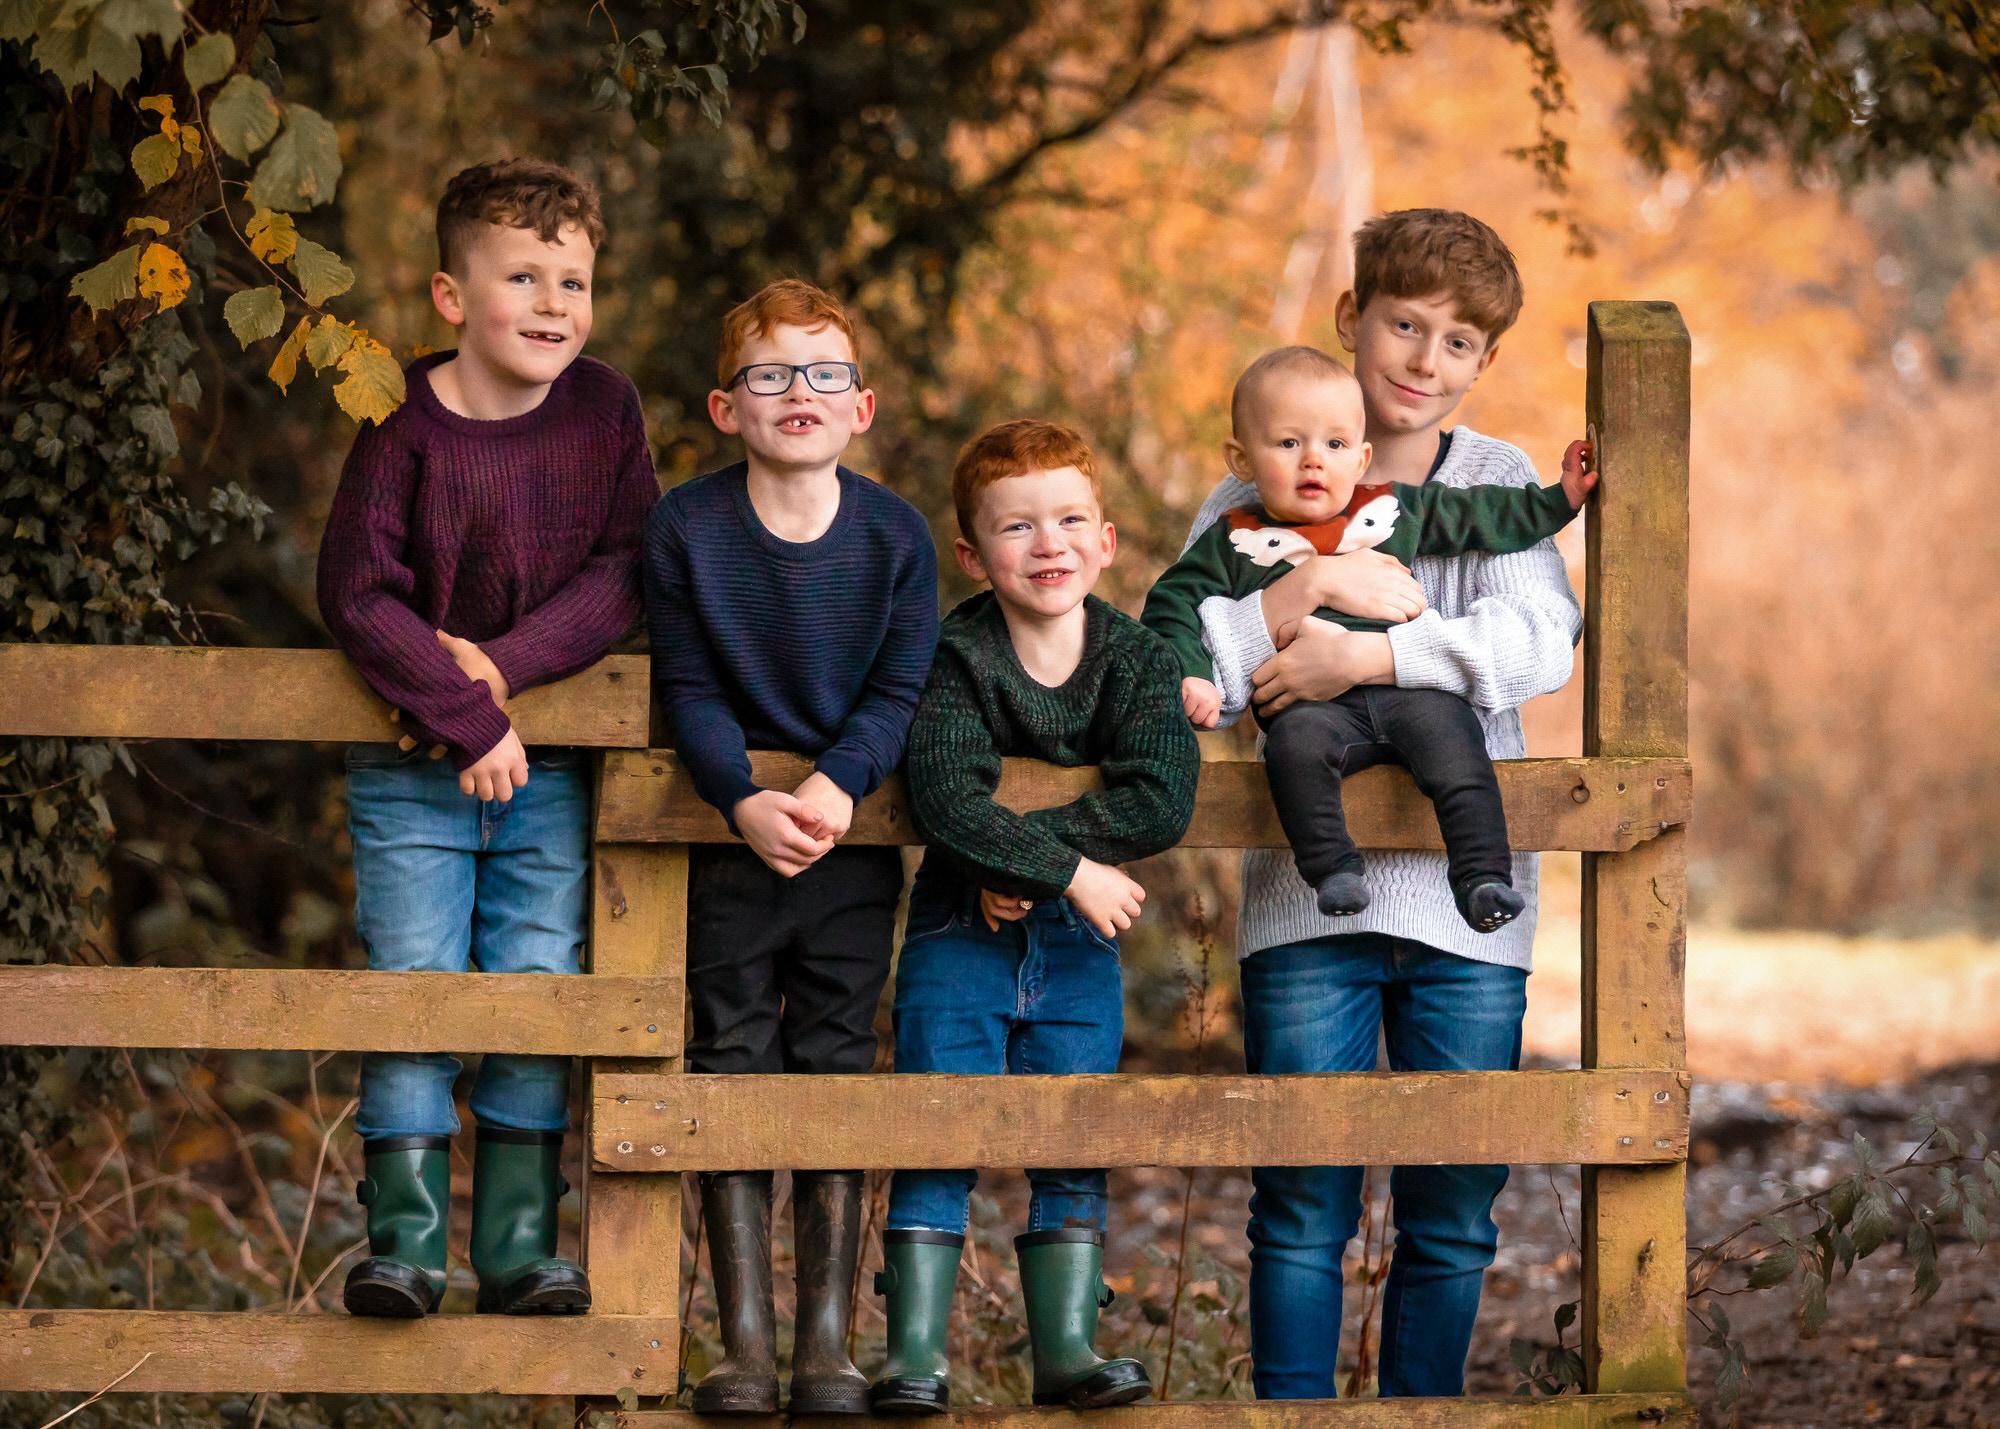 Hertfordshire family portrait